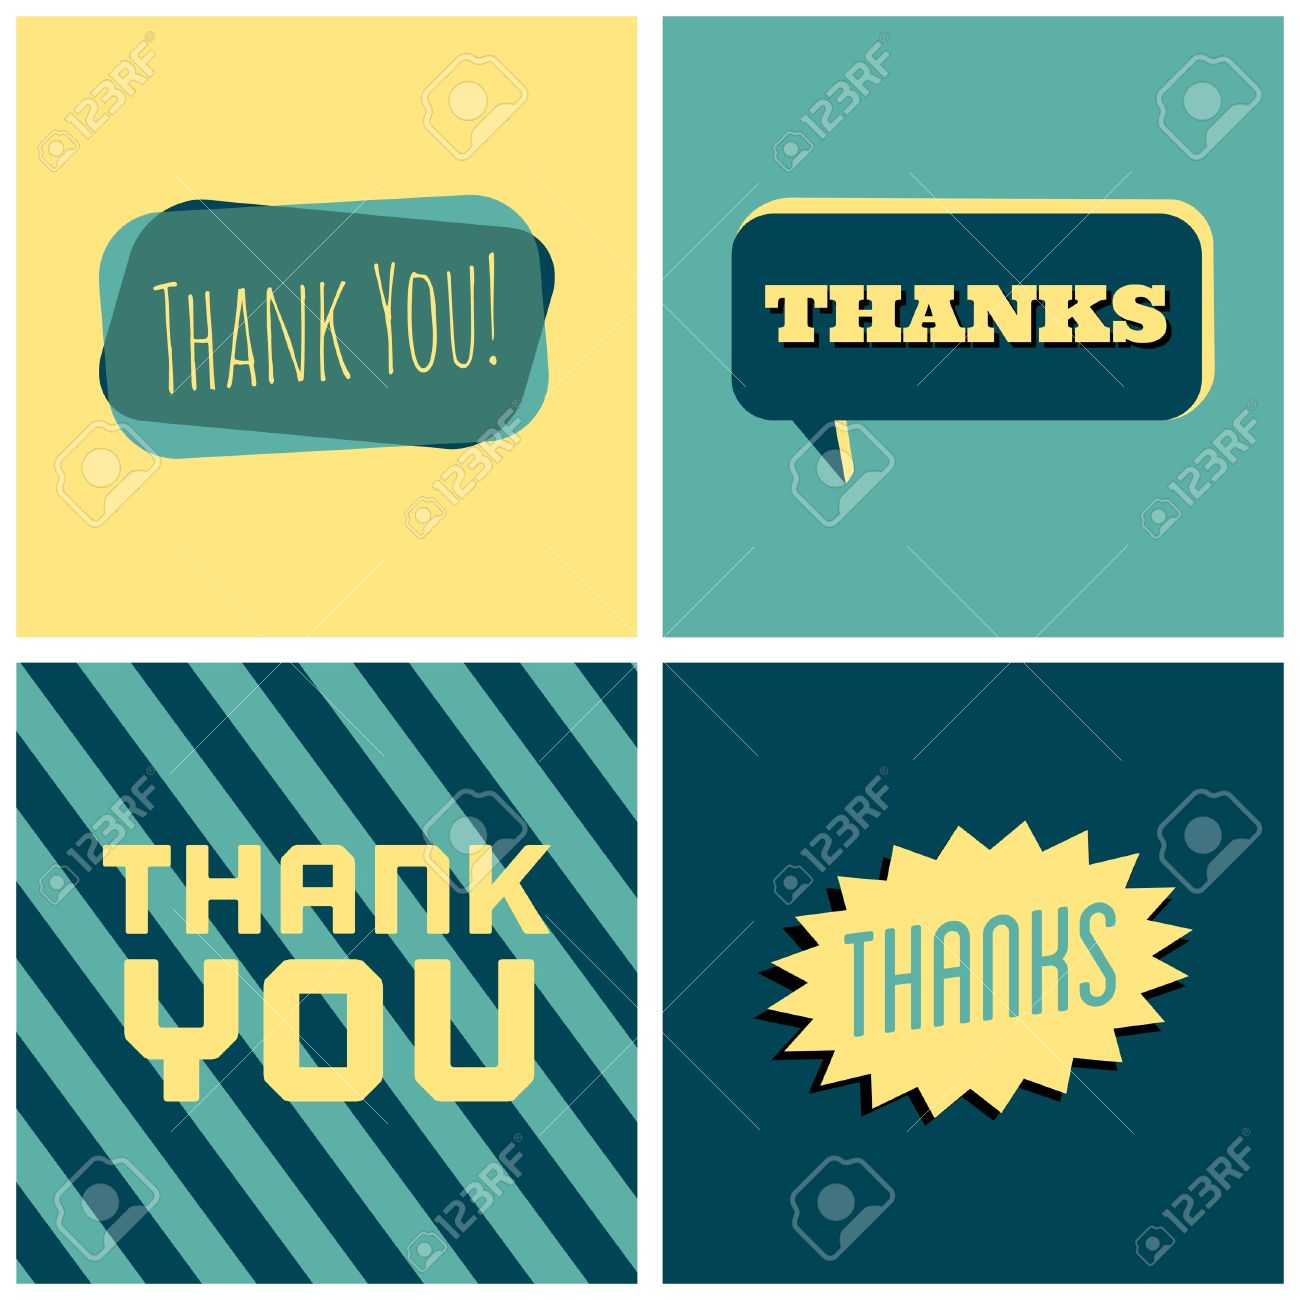 A set of four retro design greeting cards for thanksgiving day a set of four retro design greeting cards for thanksgiving day banco de imagens kristyandbryce Images